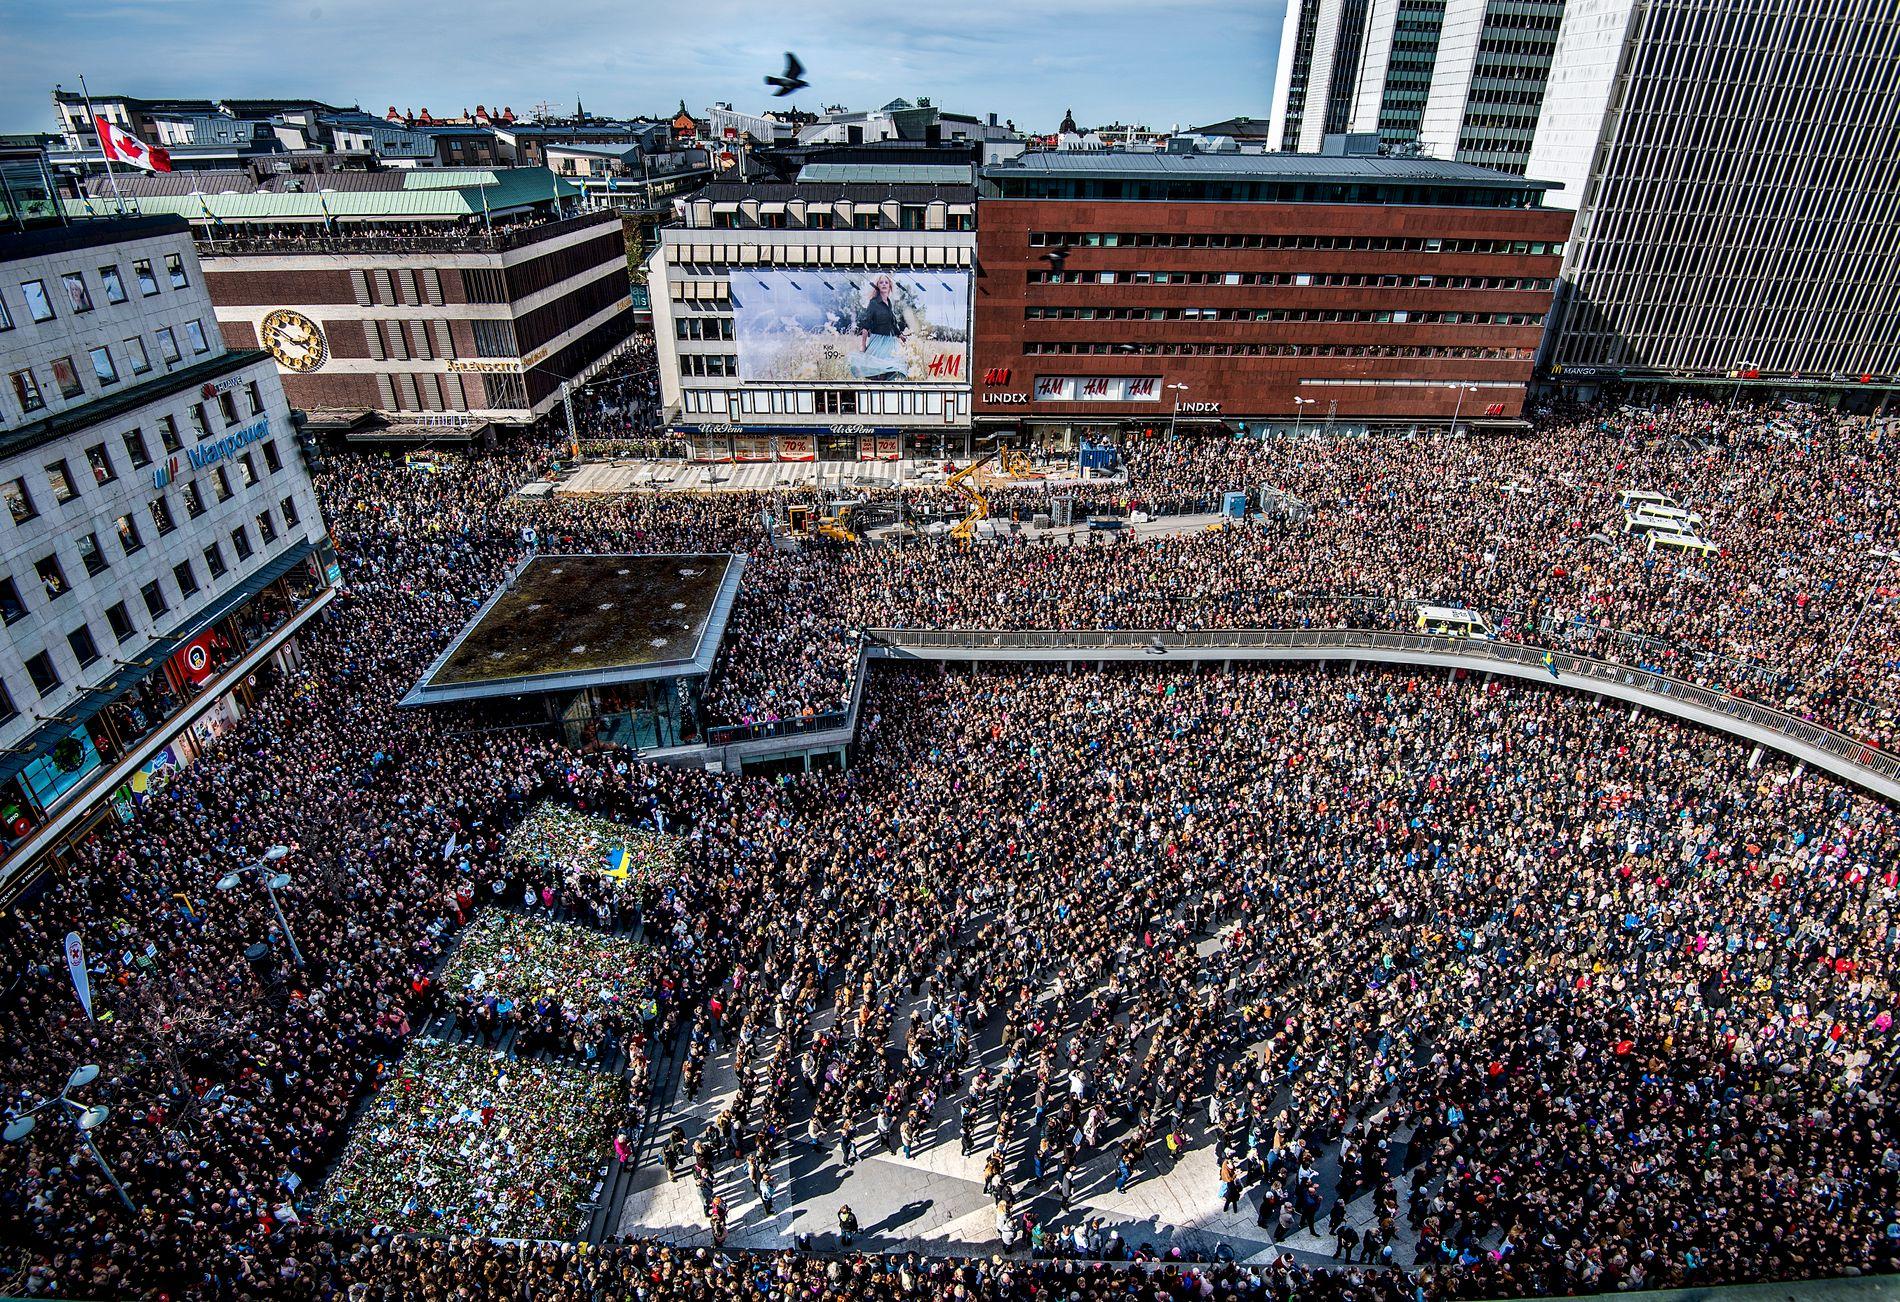 FOLKEHAV: Søndag ettermiddag er det en minnemarkering i sentrum av Stockholm. FOTO: HELGE MIKALSEN / VG